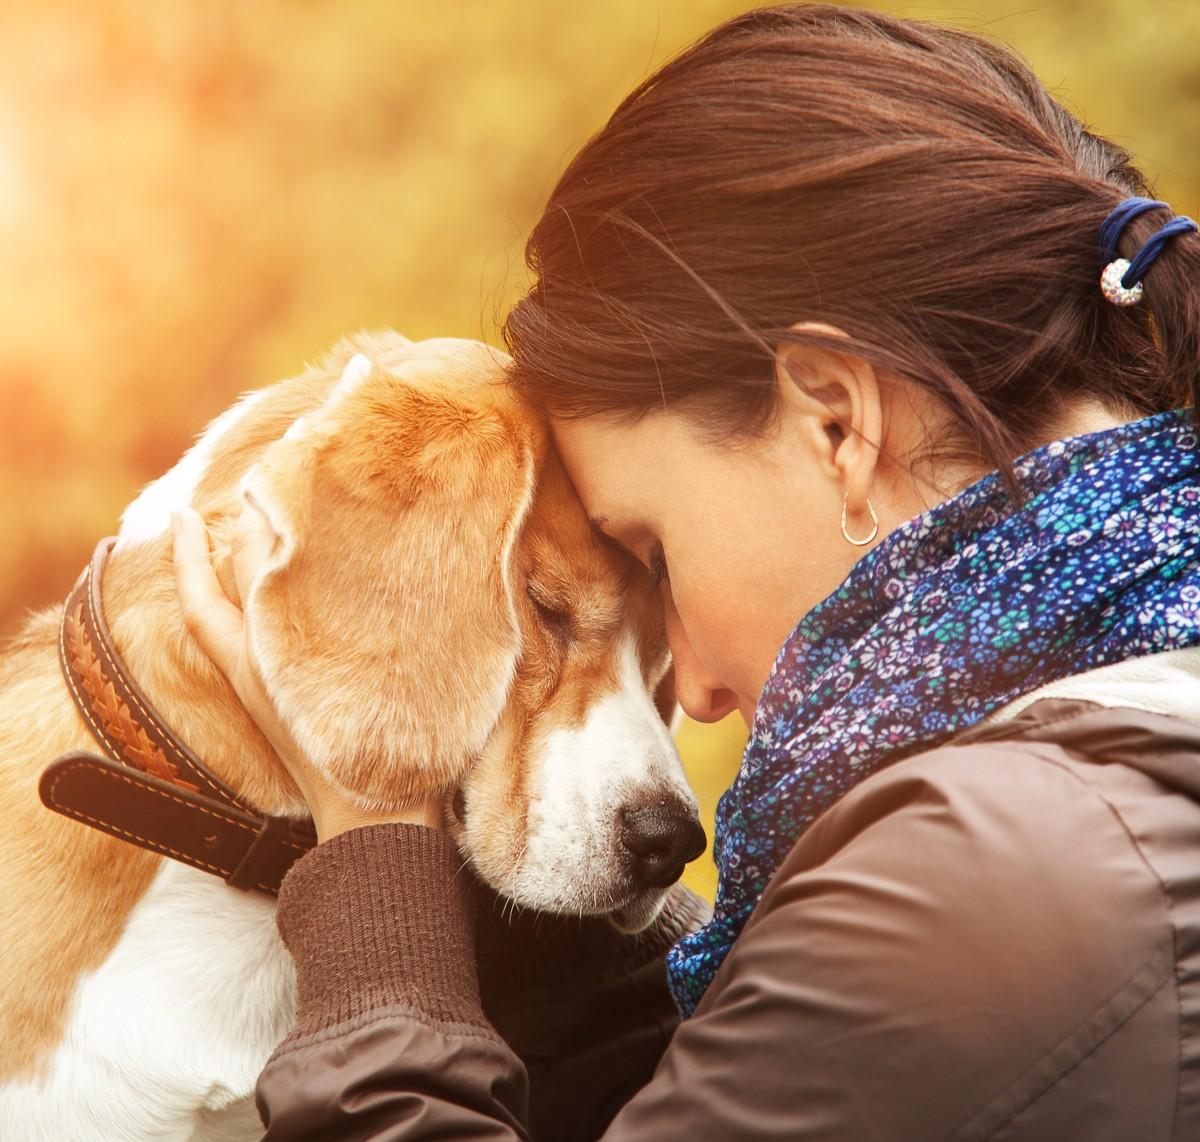 بسیاری افراد، علاقه خاصی به حیوانات خانگی دارند و گاه آن ها را بهتر از هر همدم انسانی برای خود می دانند